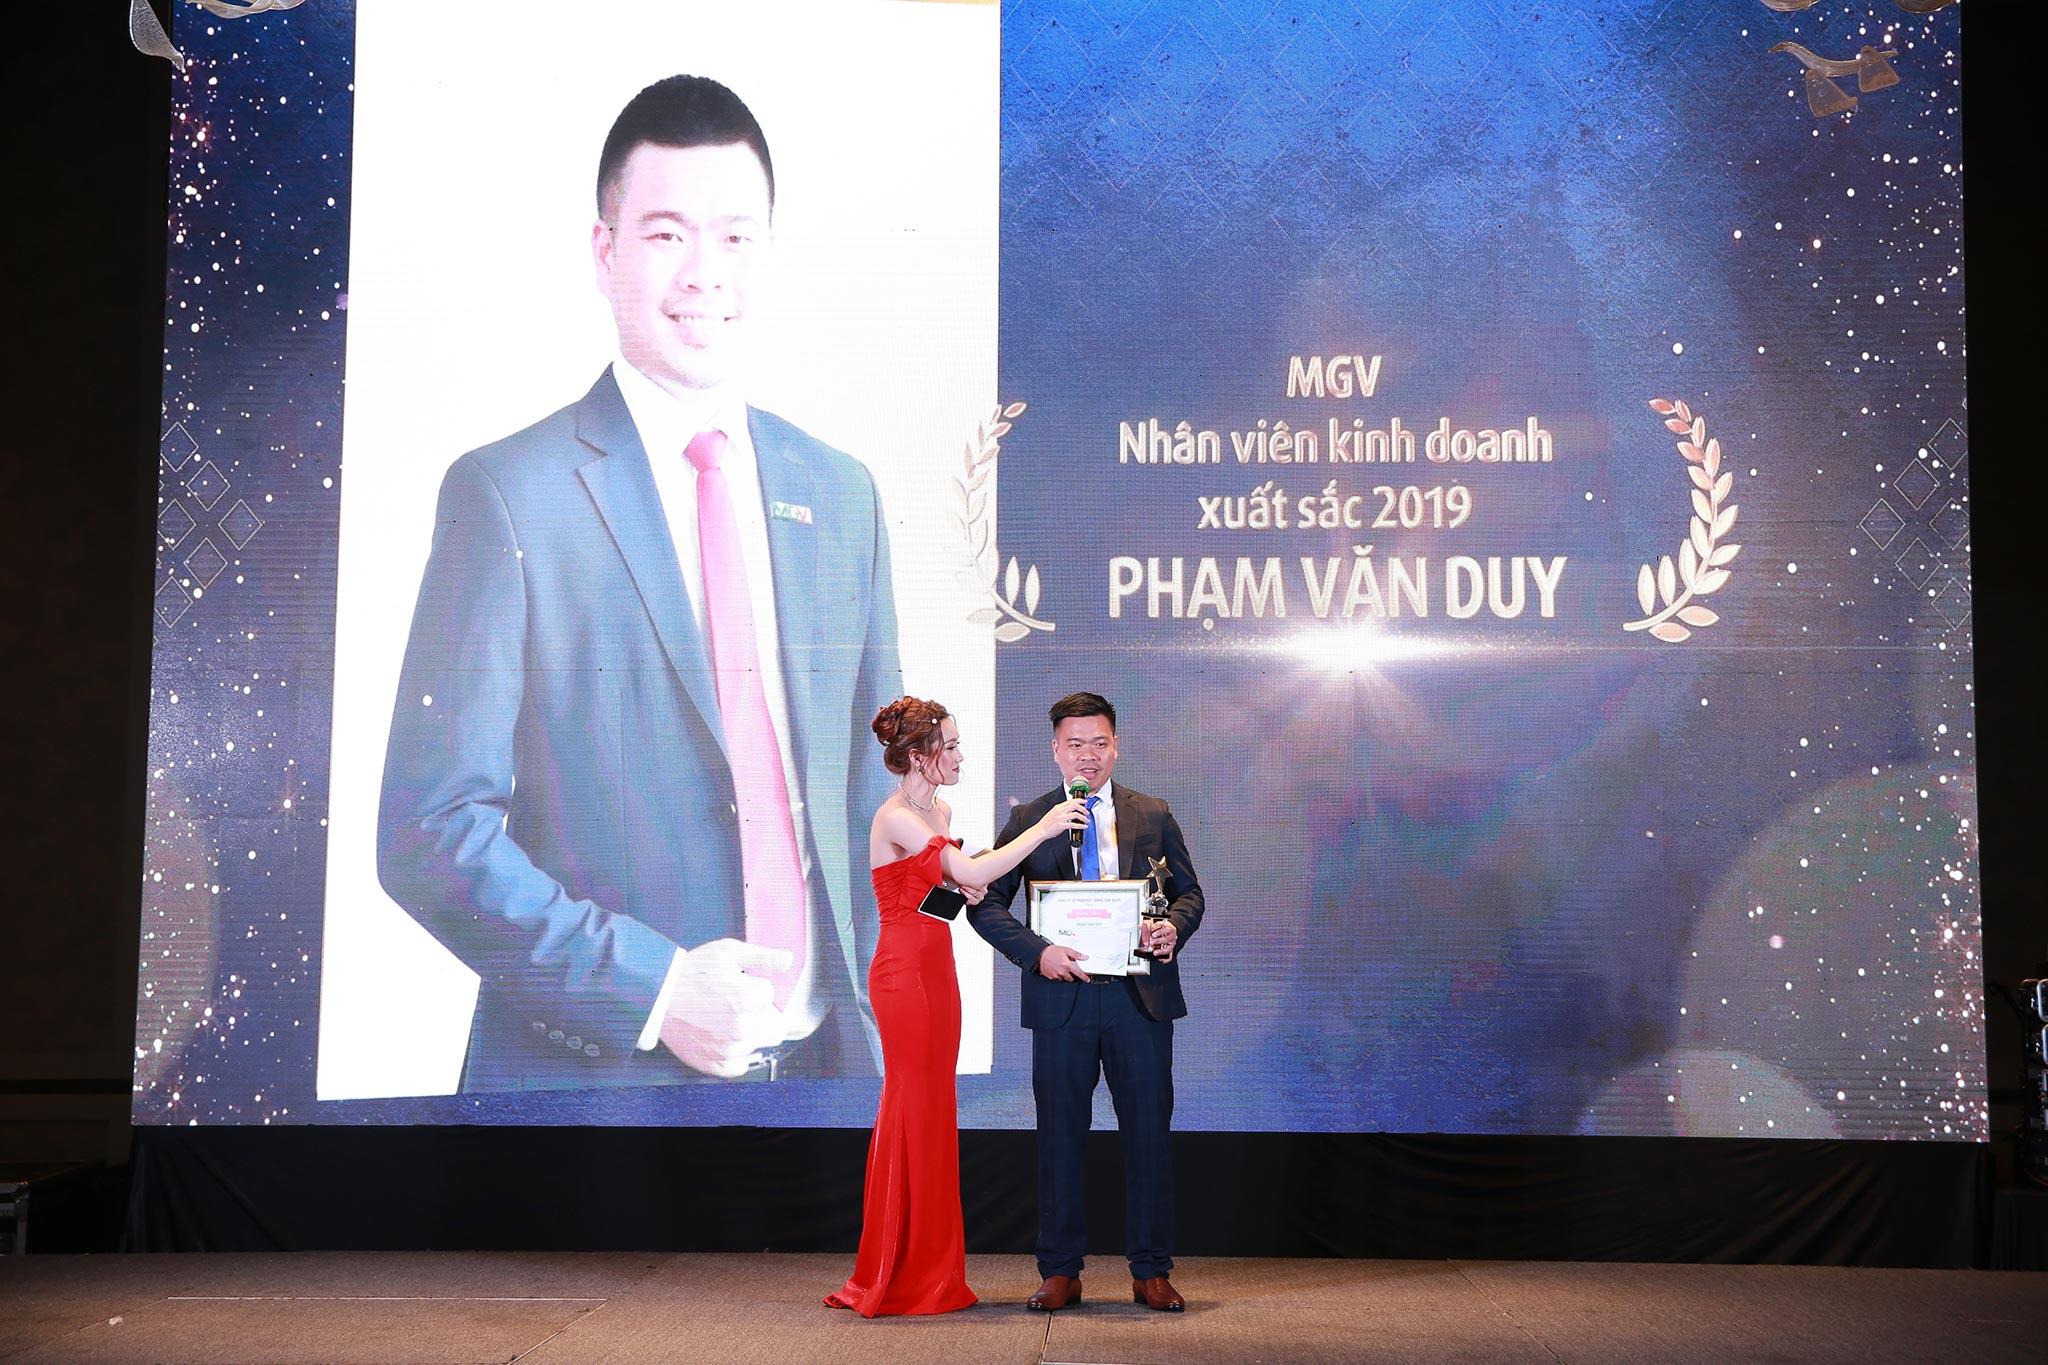 MGV Super Star 2019 - Phạm Văn Duy